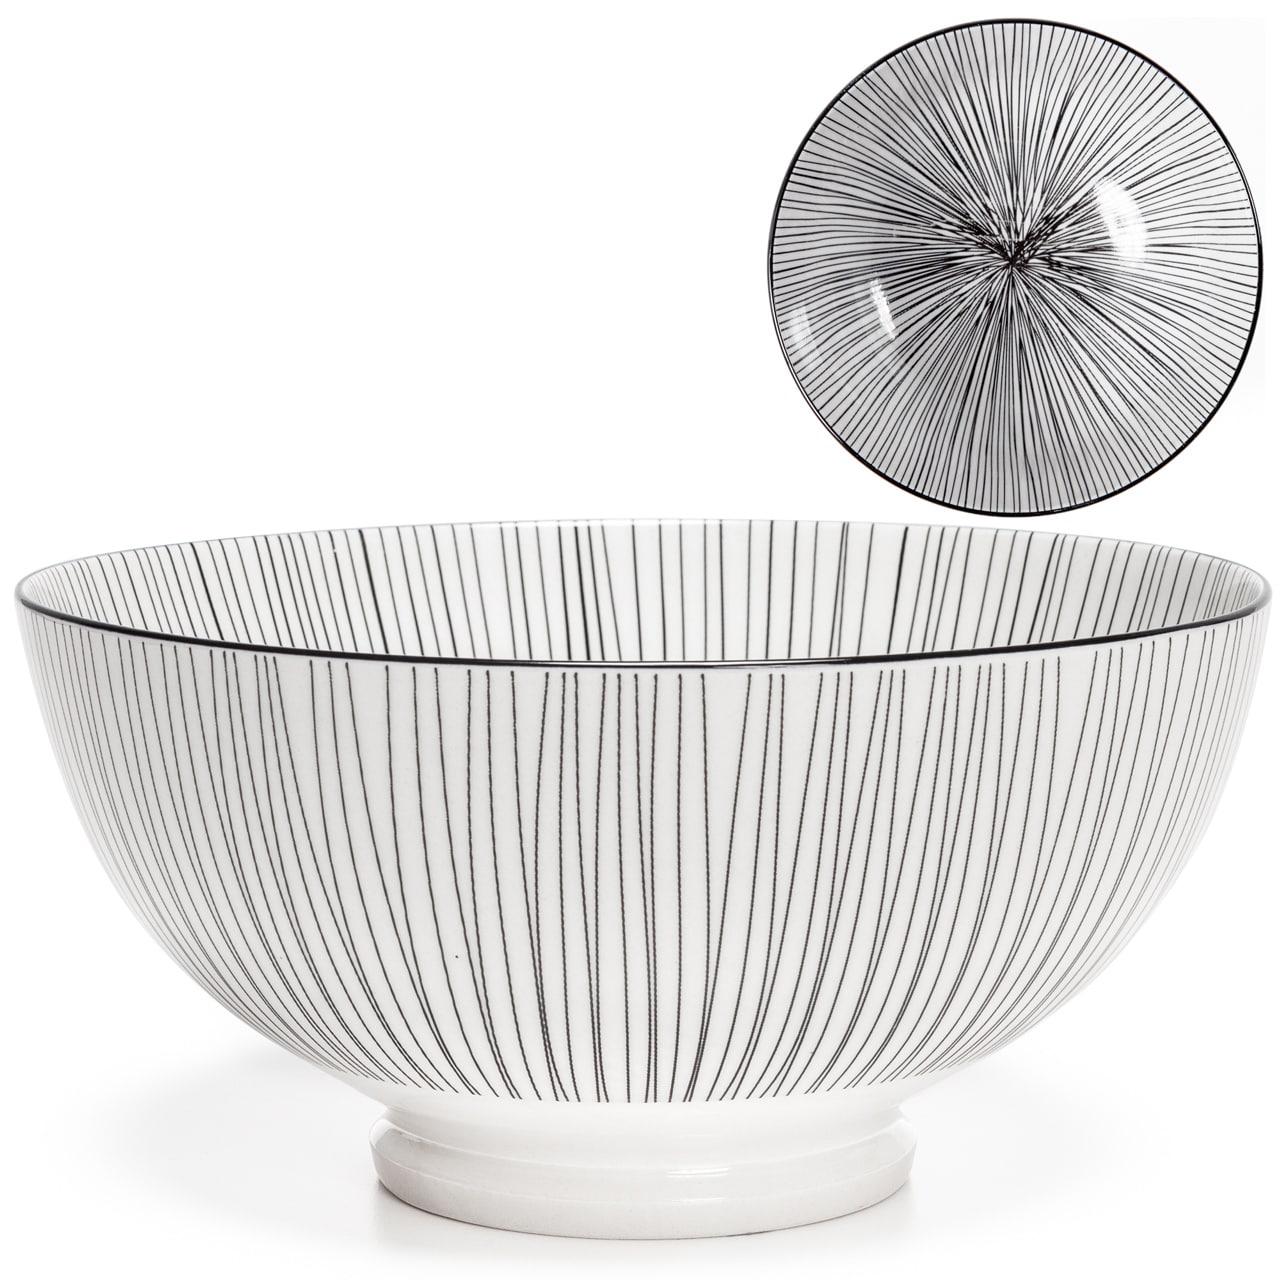 Kiri Porcelain Bowls - Black Line | alvaluz.com